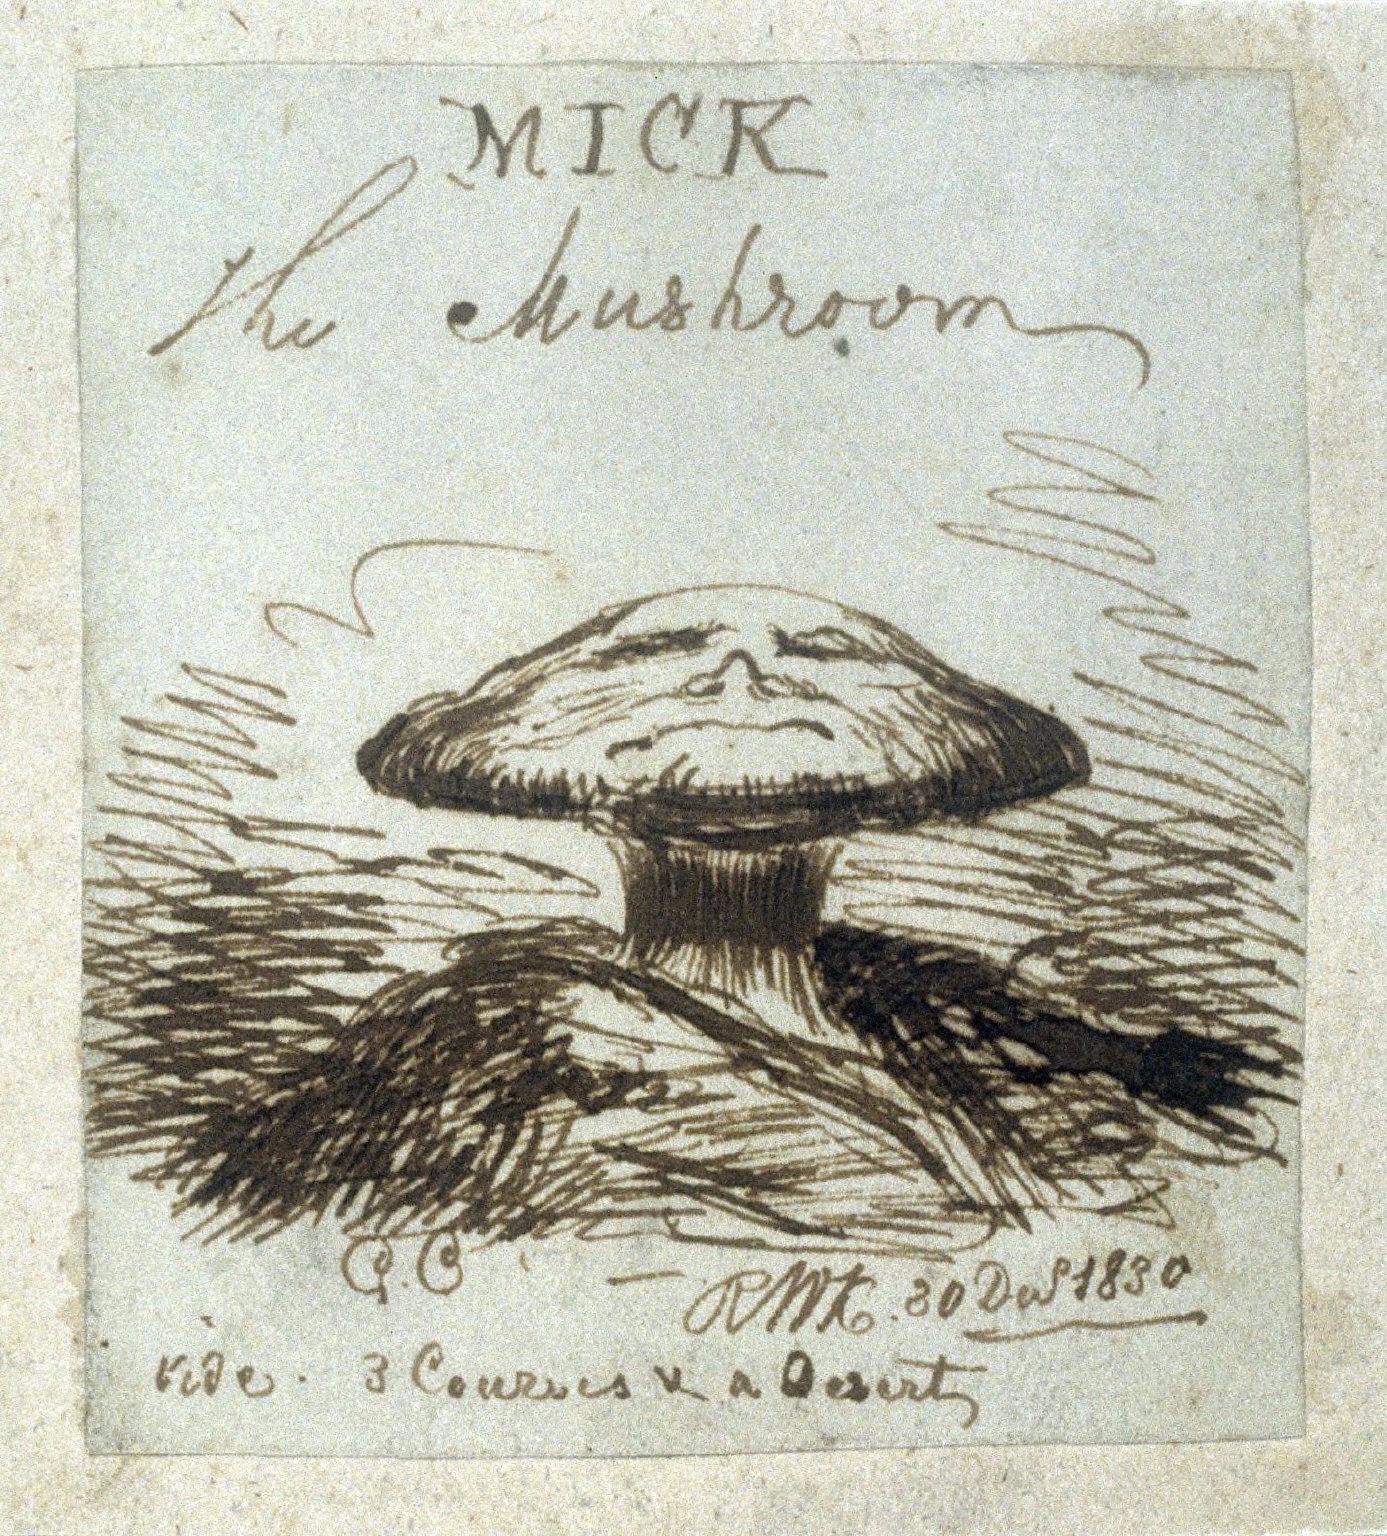 Mick the Mushroom